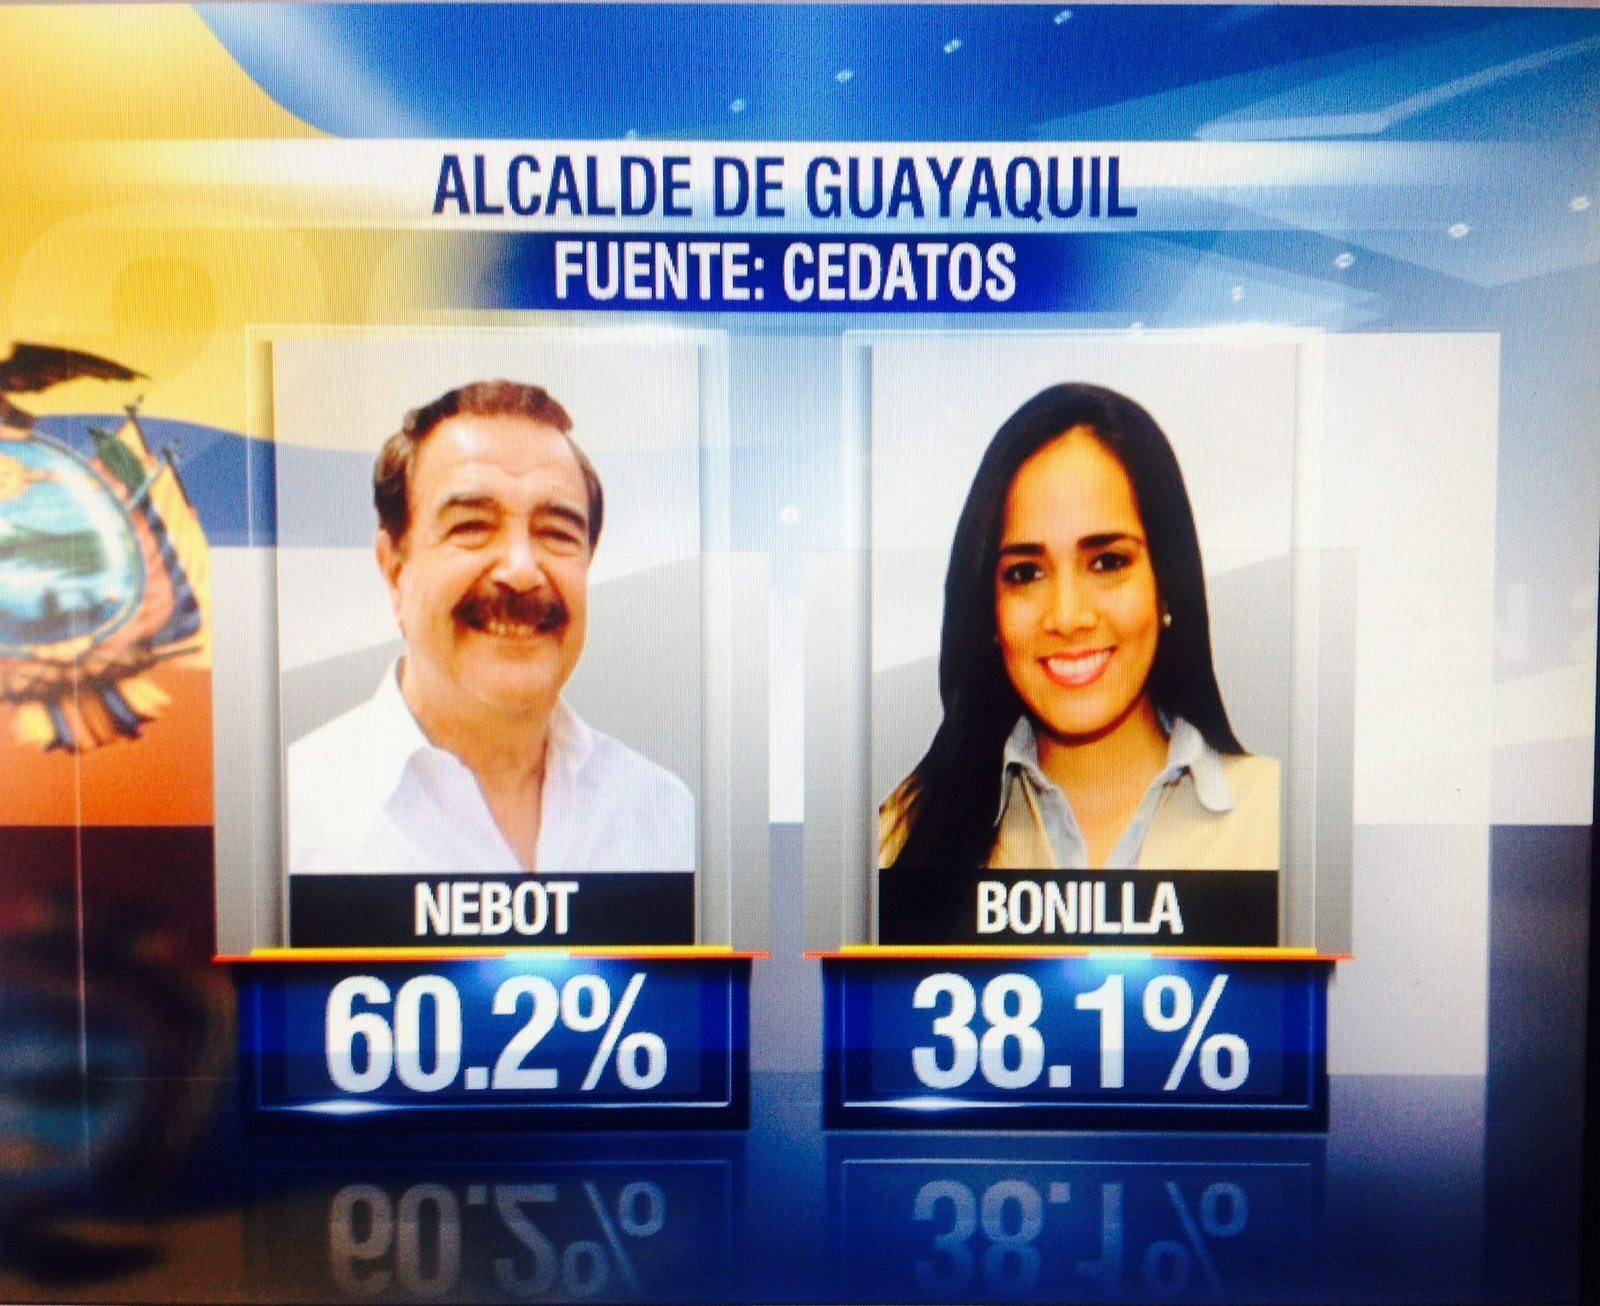 Alcalde de Guayaquil. Nebot